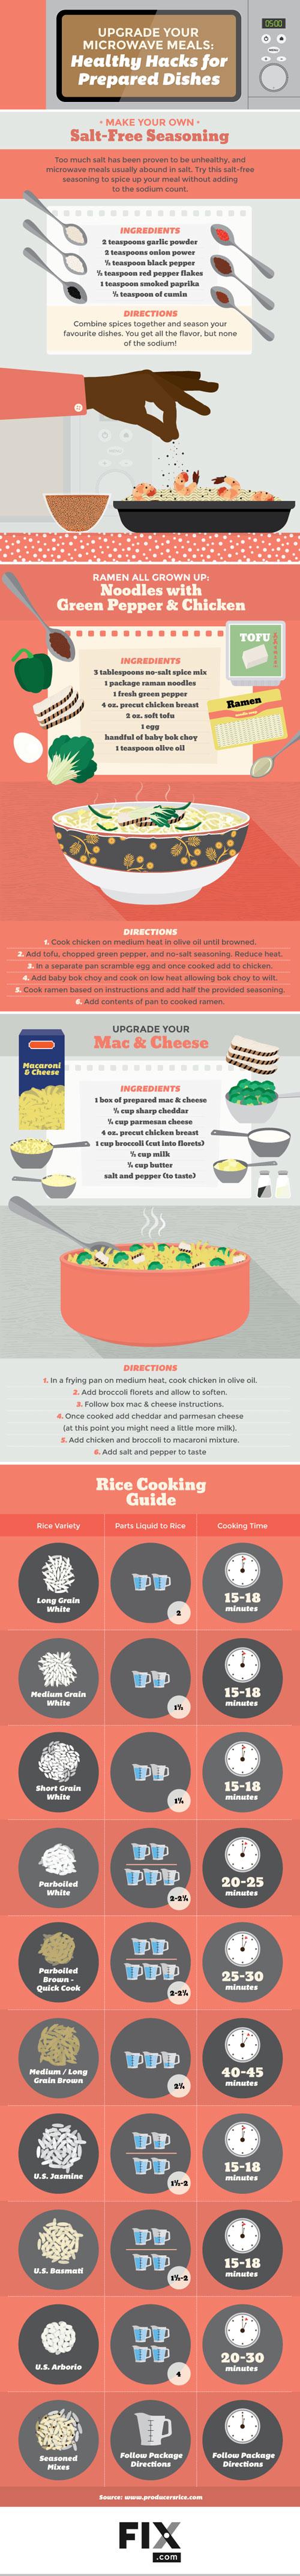 Healthy-Microwave-Cooking-Hacks.jpg